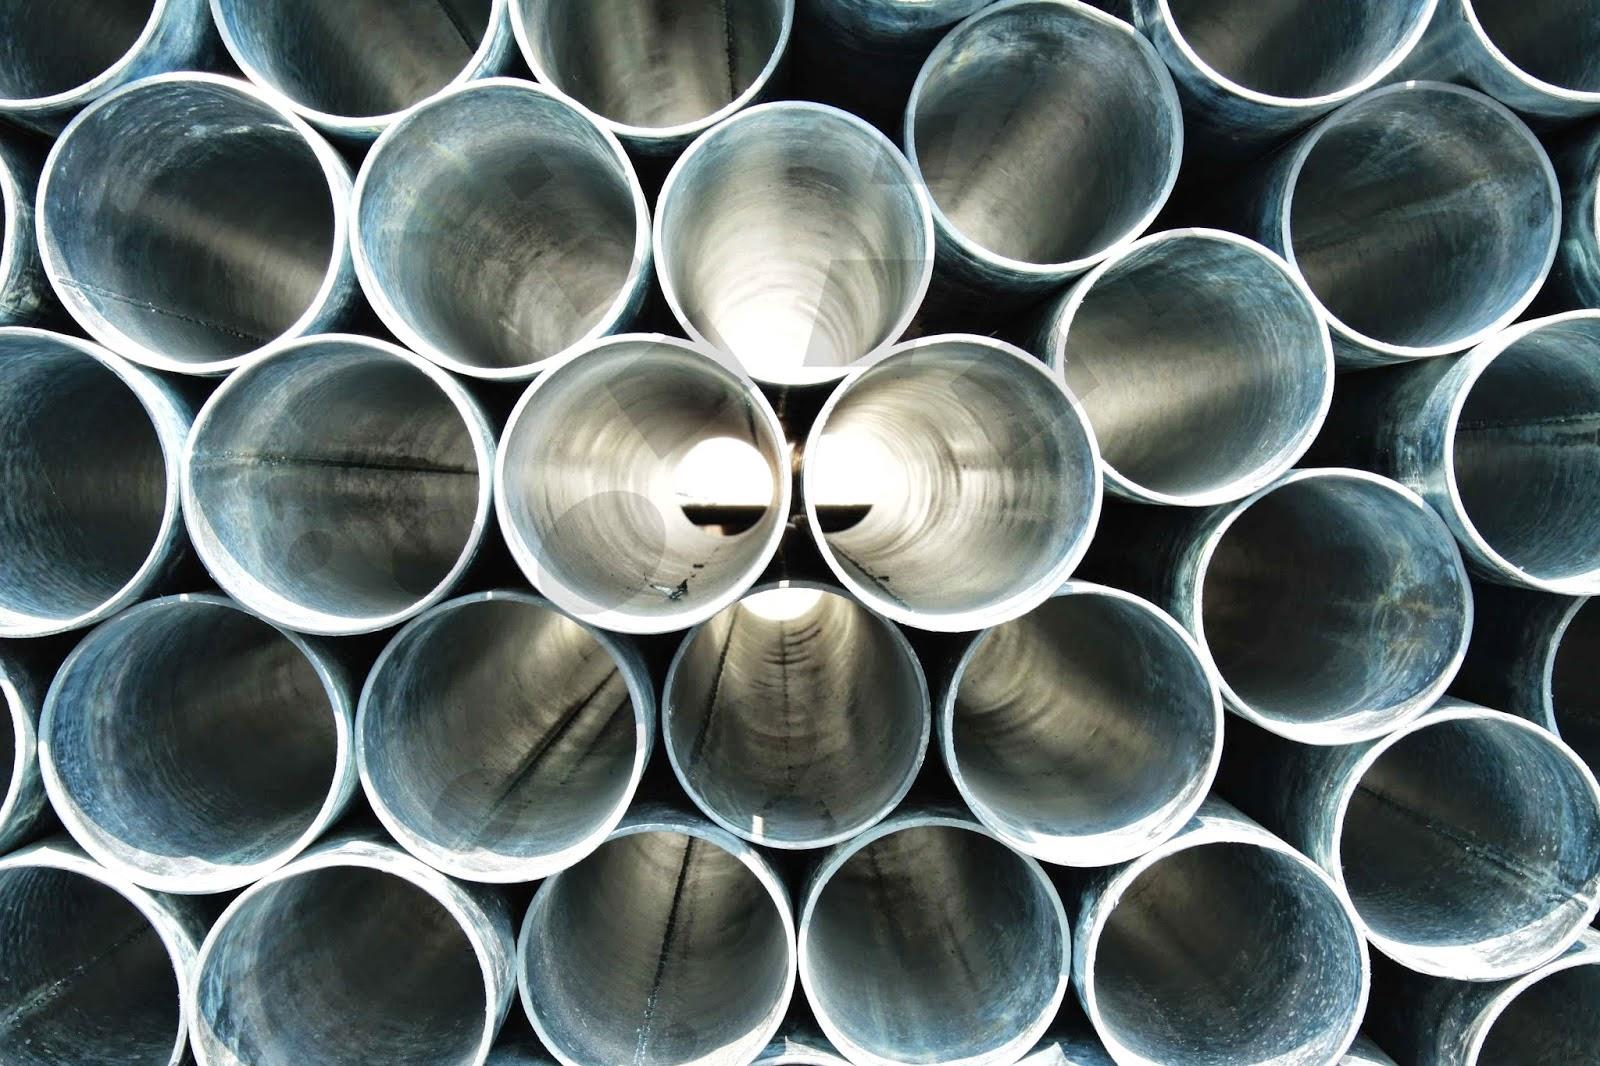 Aman digunakan di luar maupun di dalam tanah. - 3.bp.blogspot.com